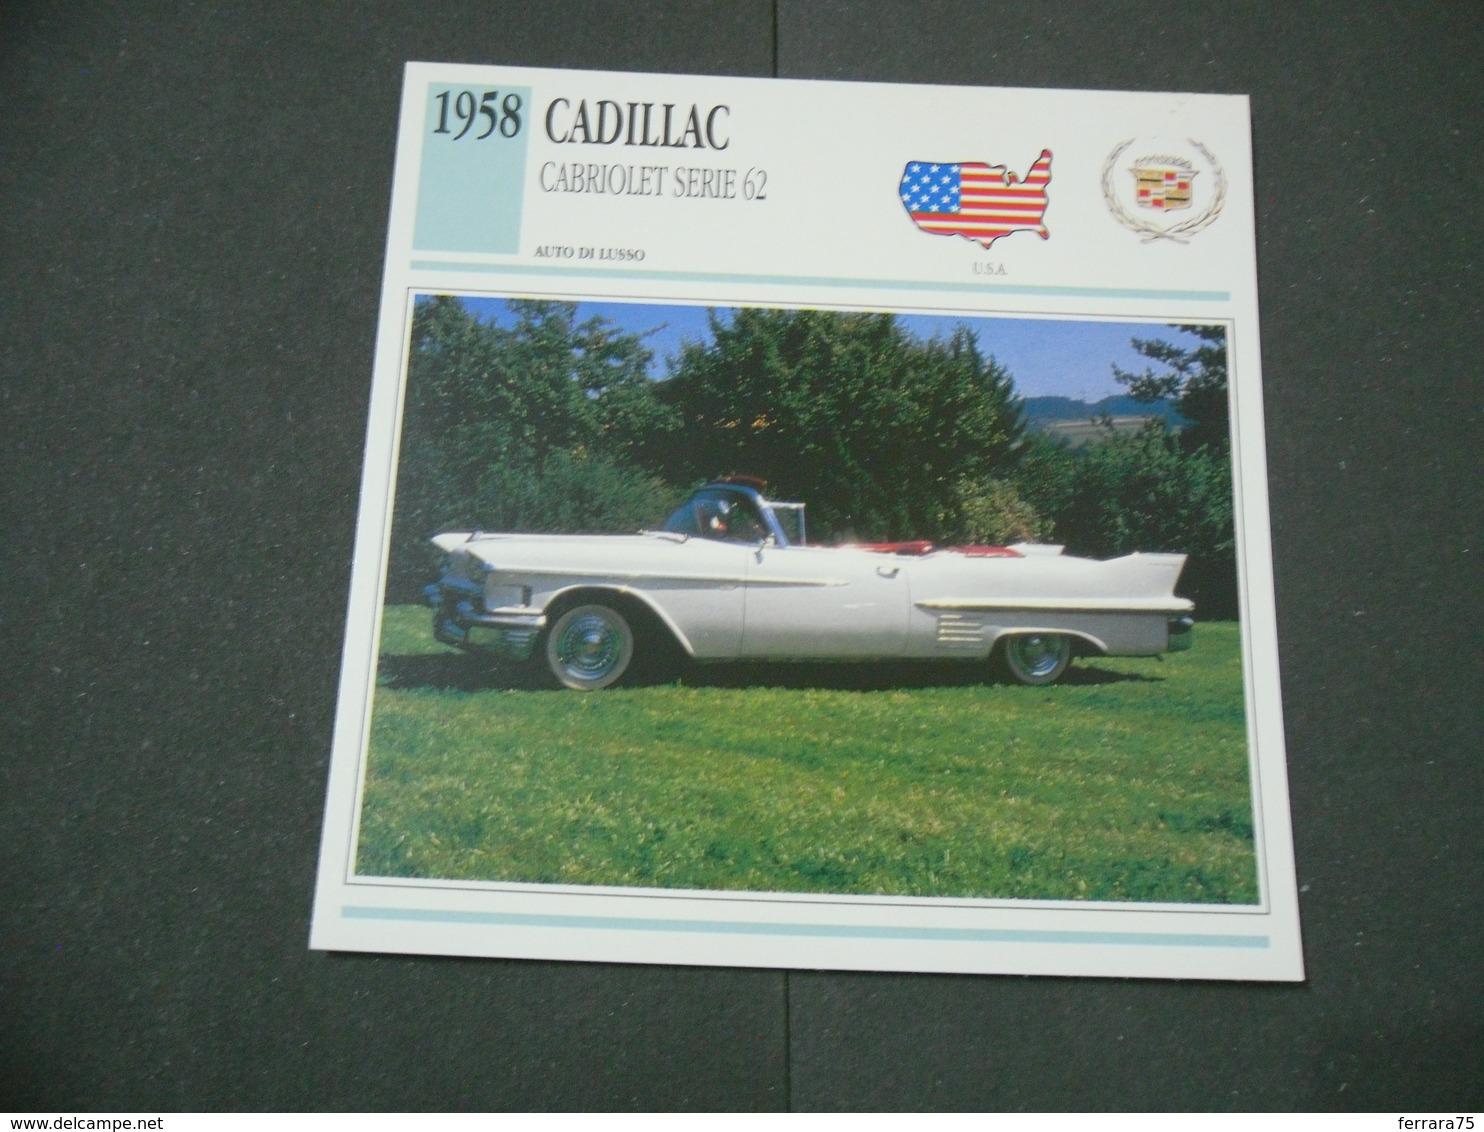 CARTOLINA CARD SCHEDA TECNICA  AUTO  CARS  CADILLAC CABRIOLET SERIE 62 - Altre Collezioni